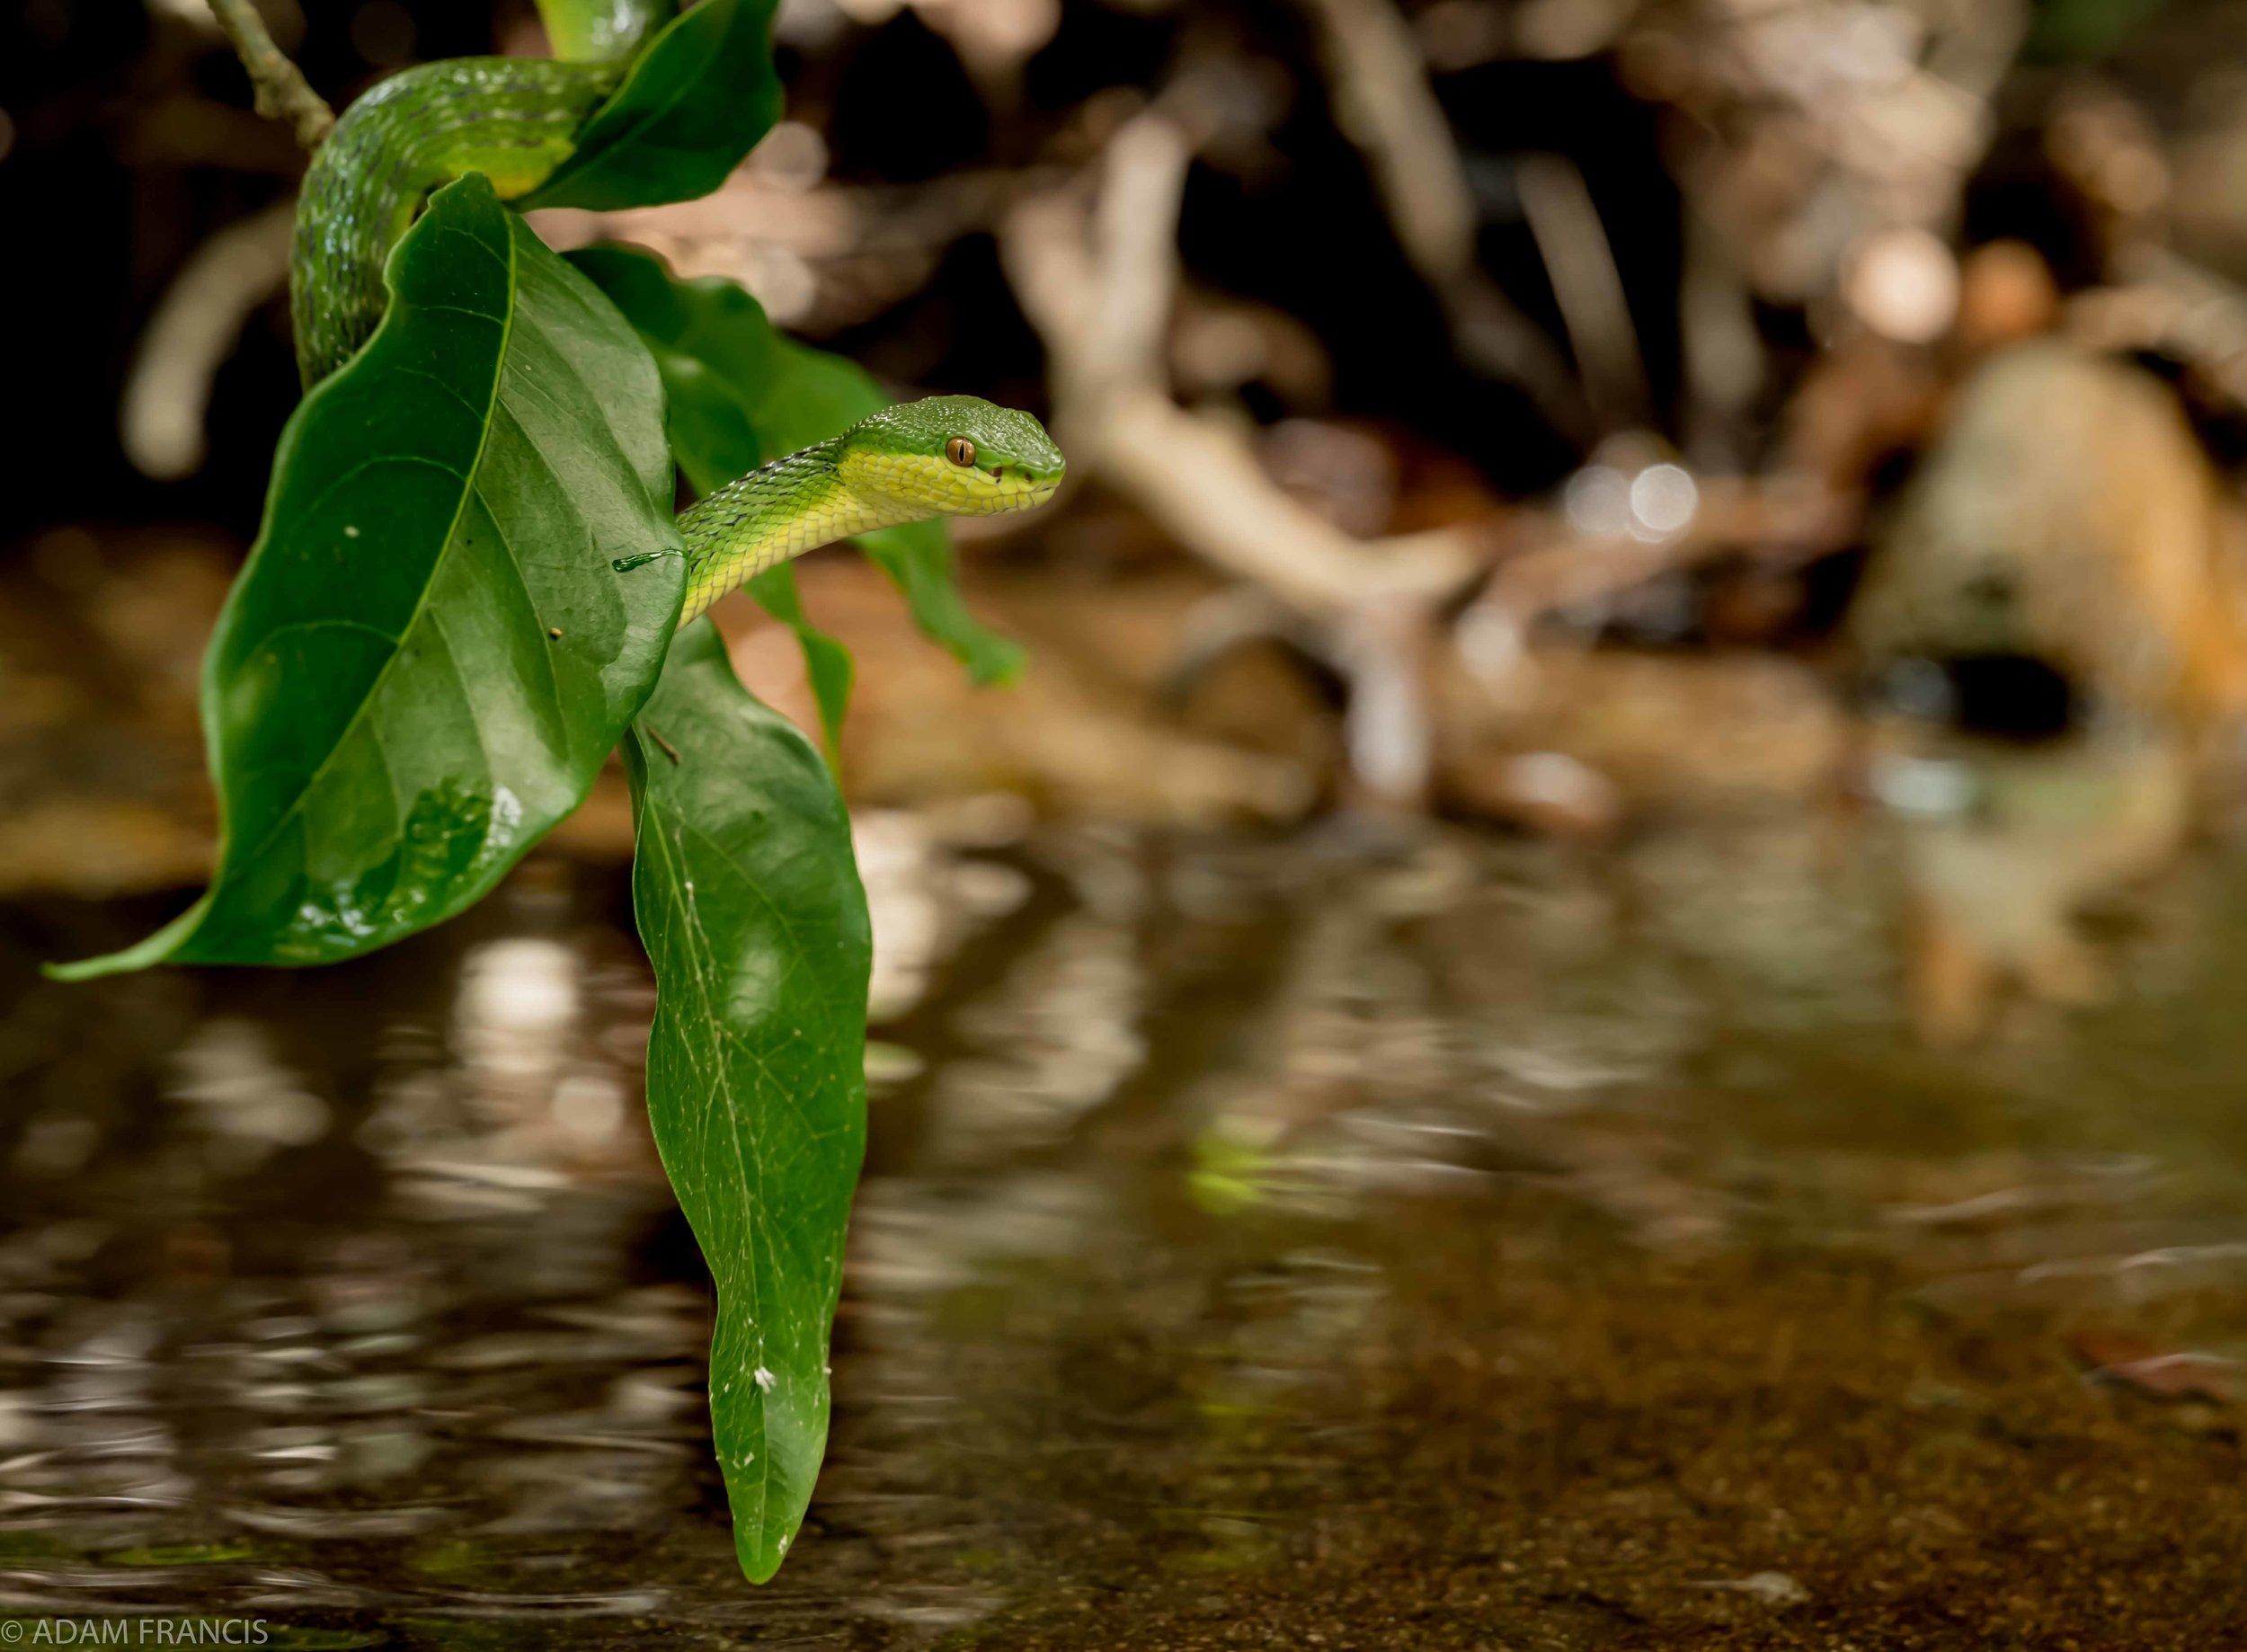 White-lipped Viper Bamboo Viper - Trimeresurus albolabris